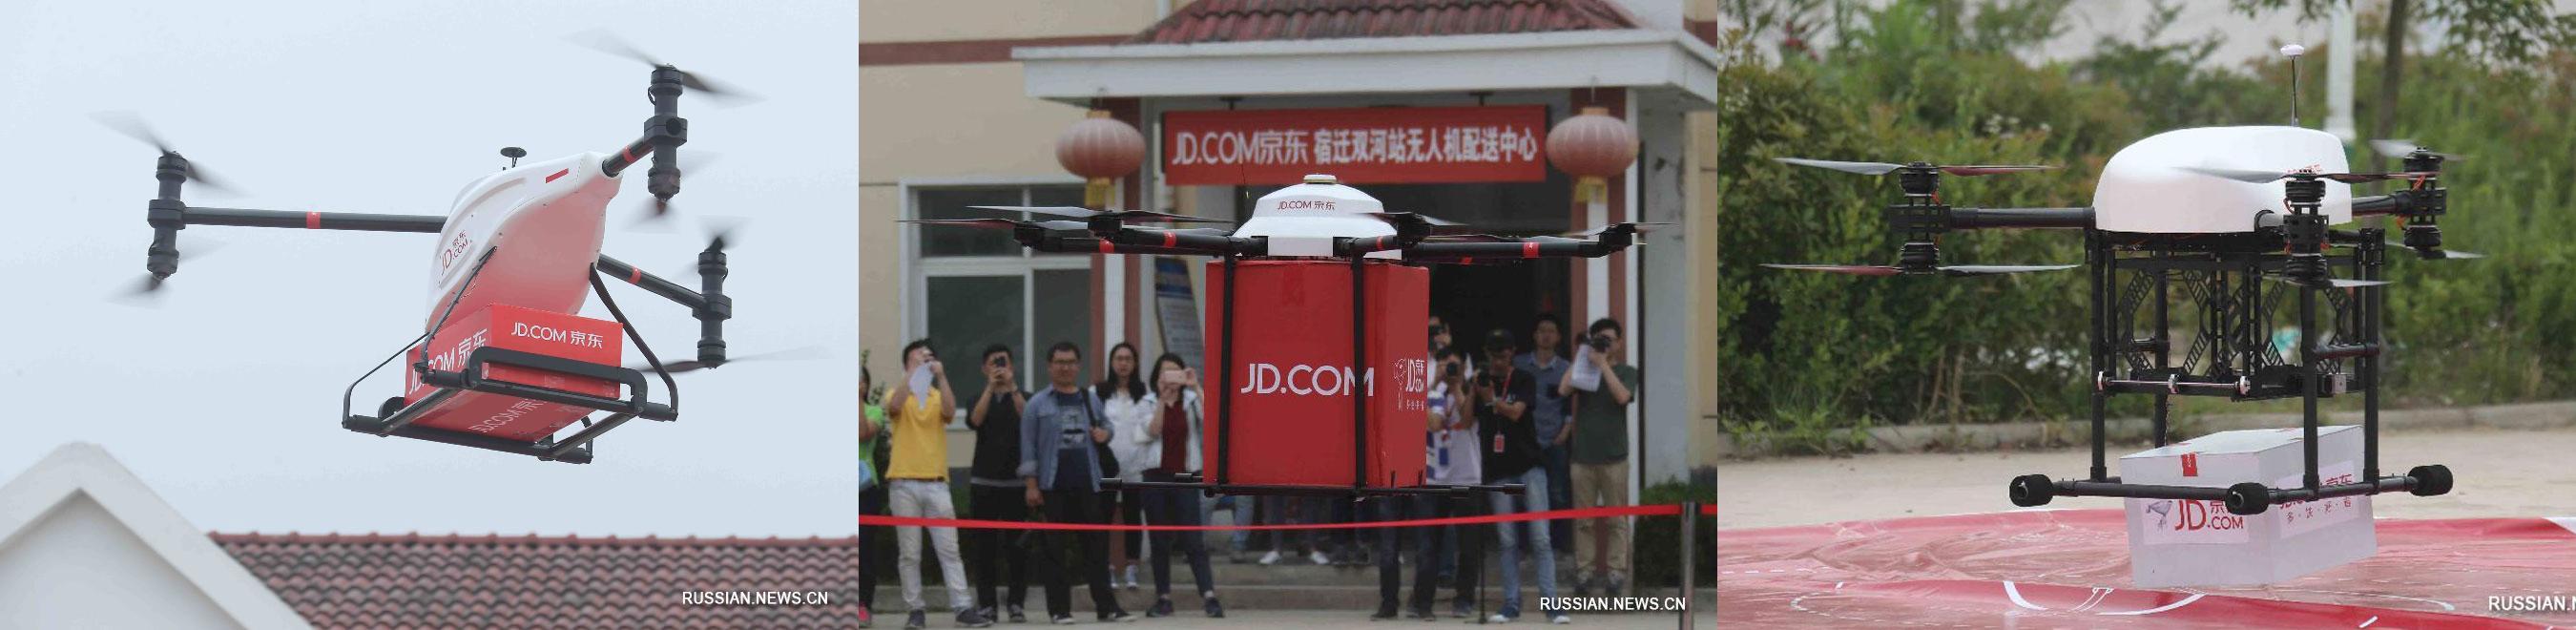 Деревенский склад JD.com доставляет до двухсот 15-килограммовых посылок в день автономными авиадронами, Склад JD.com в волости Цаоцзи, в окрестностях города Суцянь